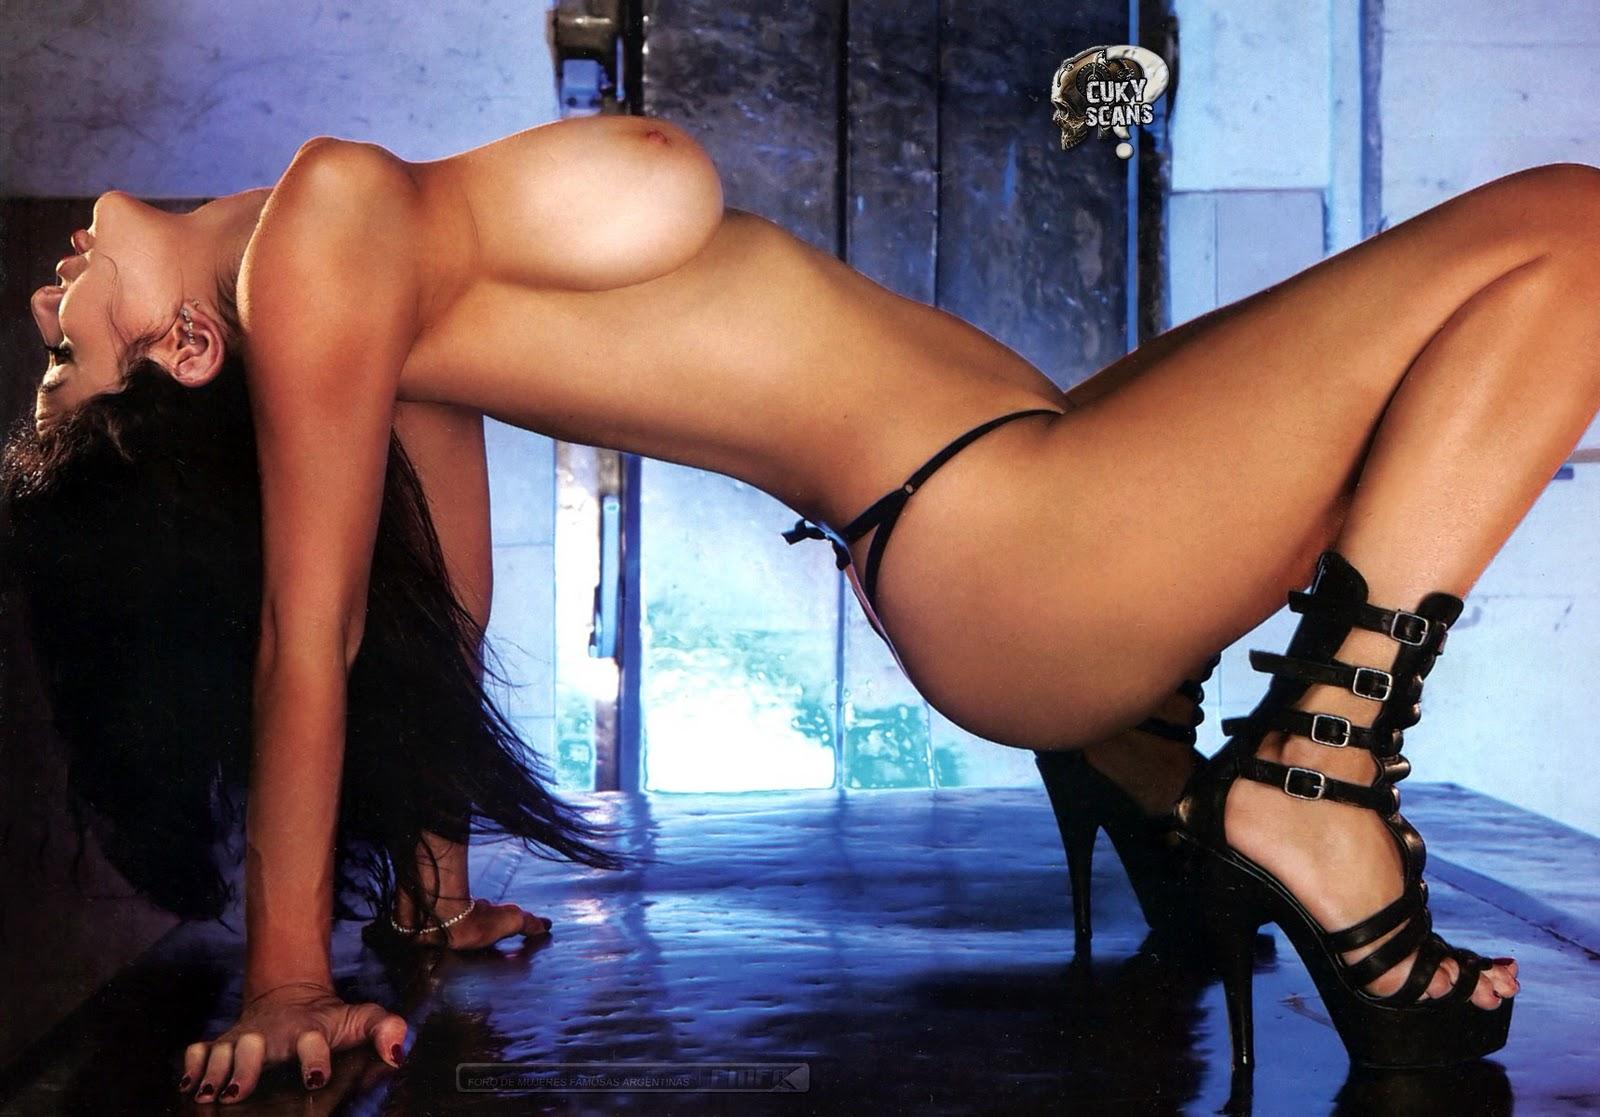 http://4.bp.blogspot.com/_2PzllawEGWU/TSTI1128e4I/AAAAAAAAAzM/MBIPNsiIccM/s1600/Andrea_Rinc%25C3%25B3n_Maxim_Argentina_Jan_2011_Kanoni_TV_004.jpg